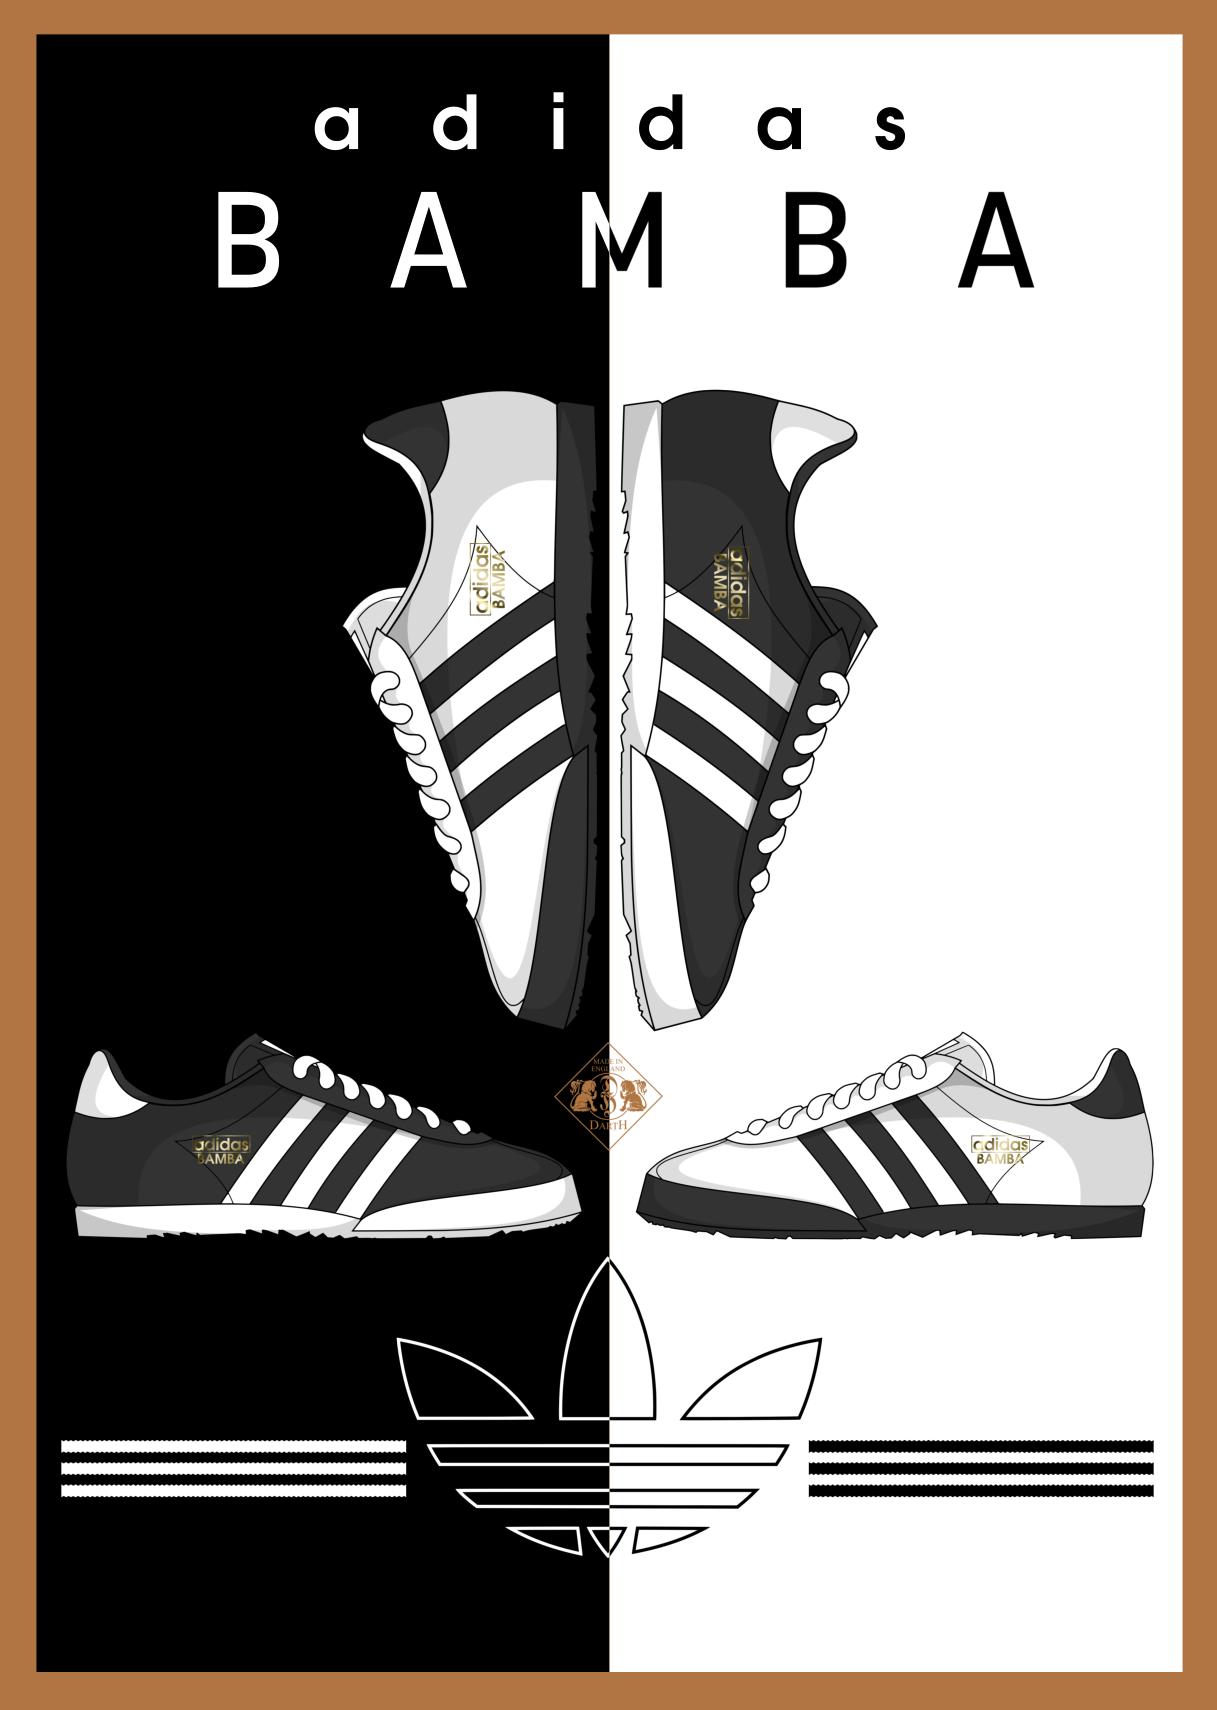 Pin Oleh Nahuel Fuster Di Adidas Gaya Kasual Gambar Garis Sepatu Adidas